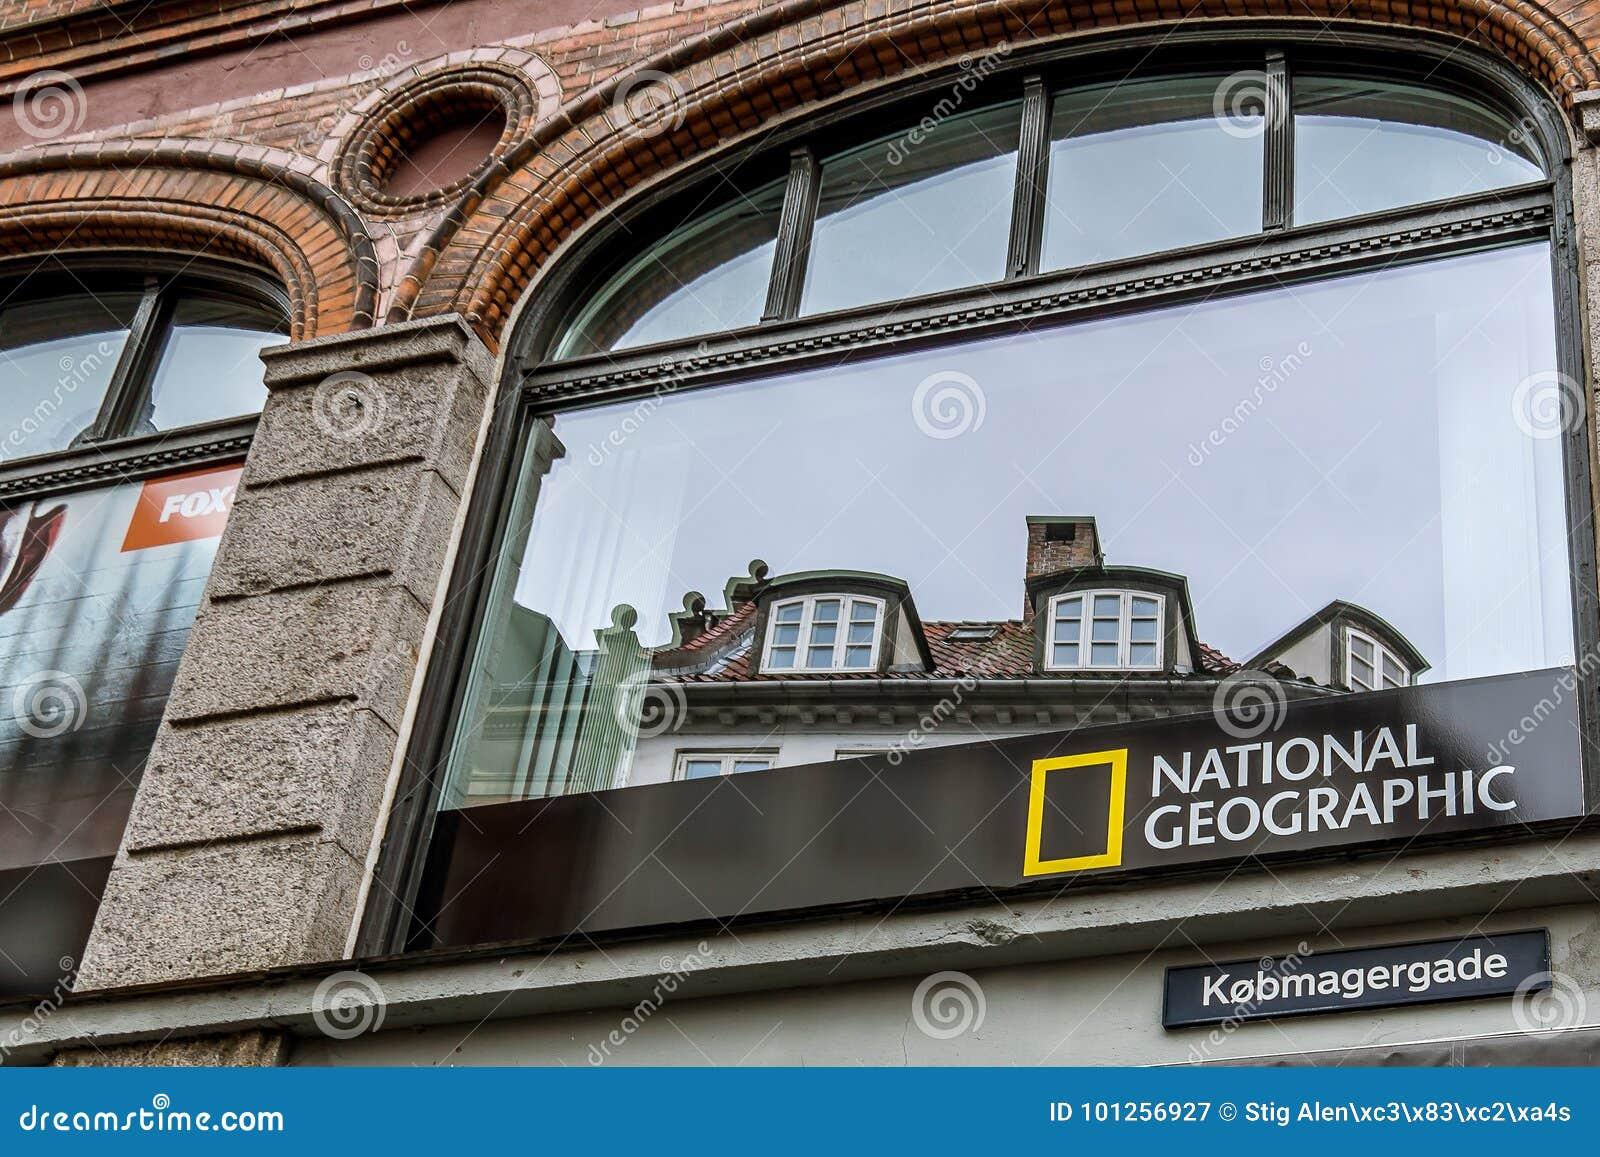 标志的国际公司全国地理